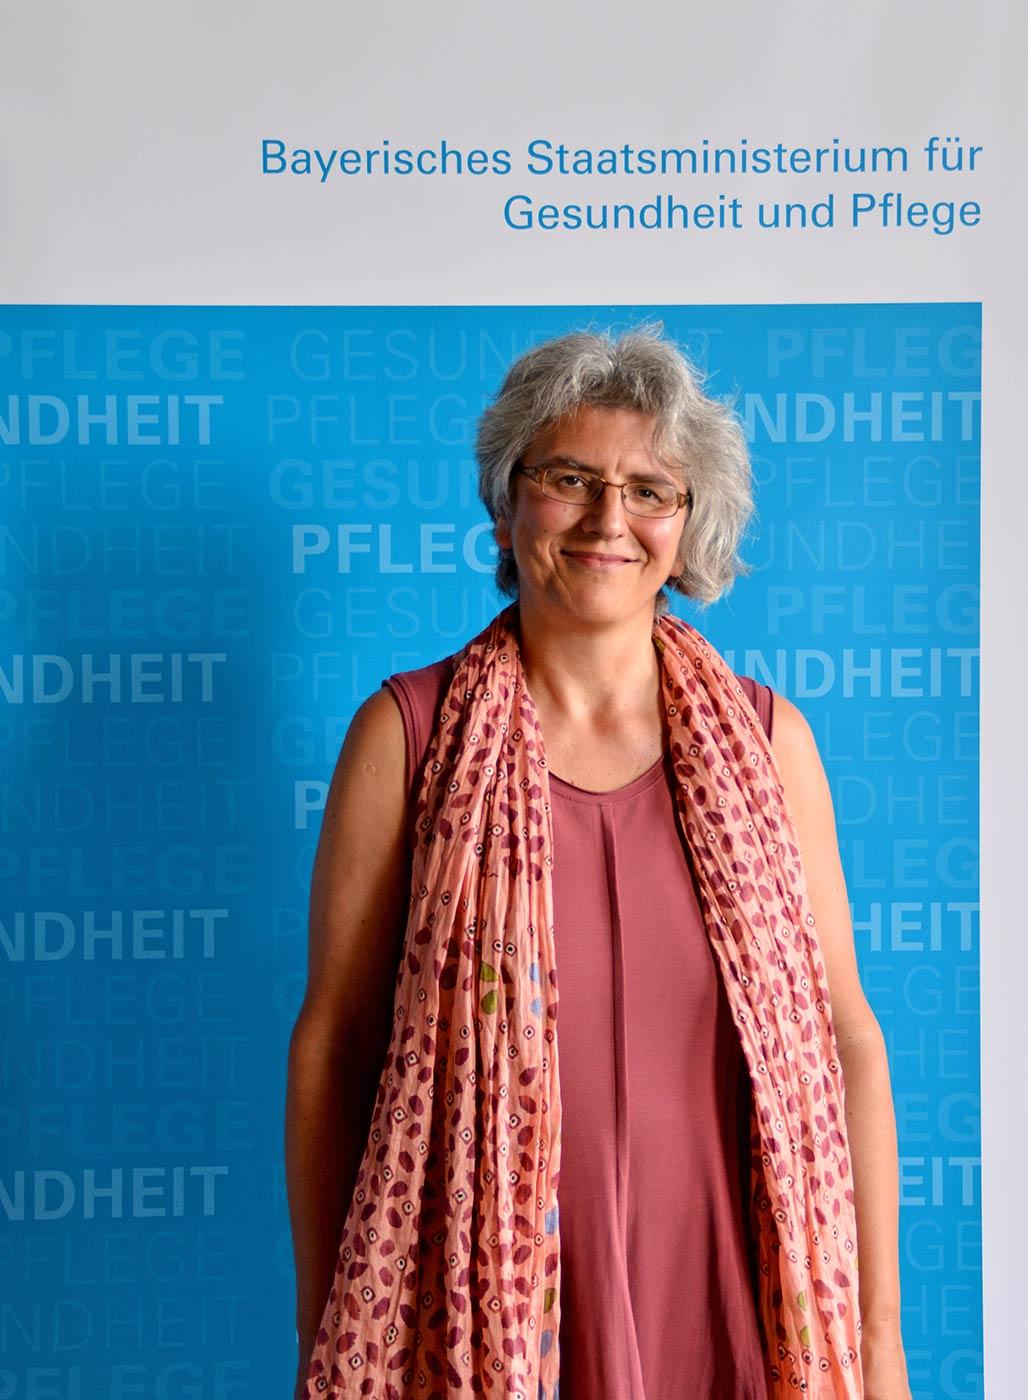 Carola Mägdefrau, Mitglied der Bayerischen Ethikkommission für Präimplantationsdiagnostik